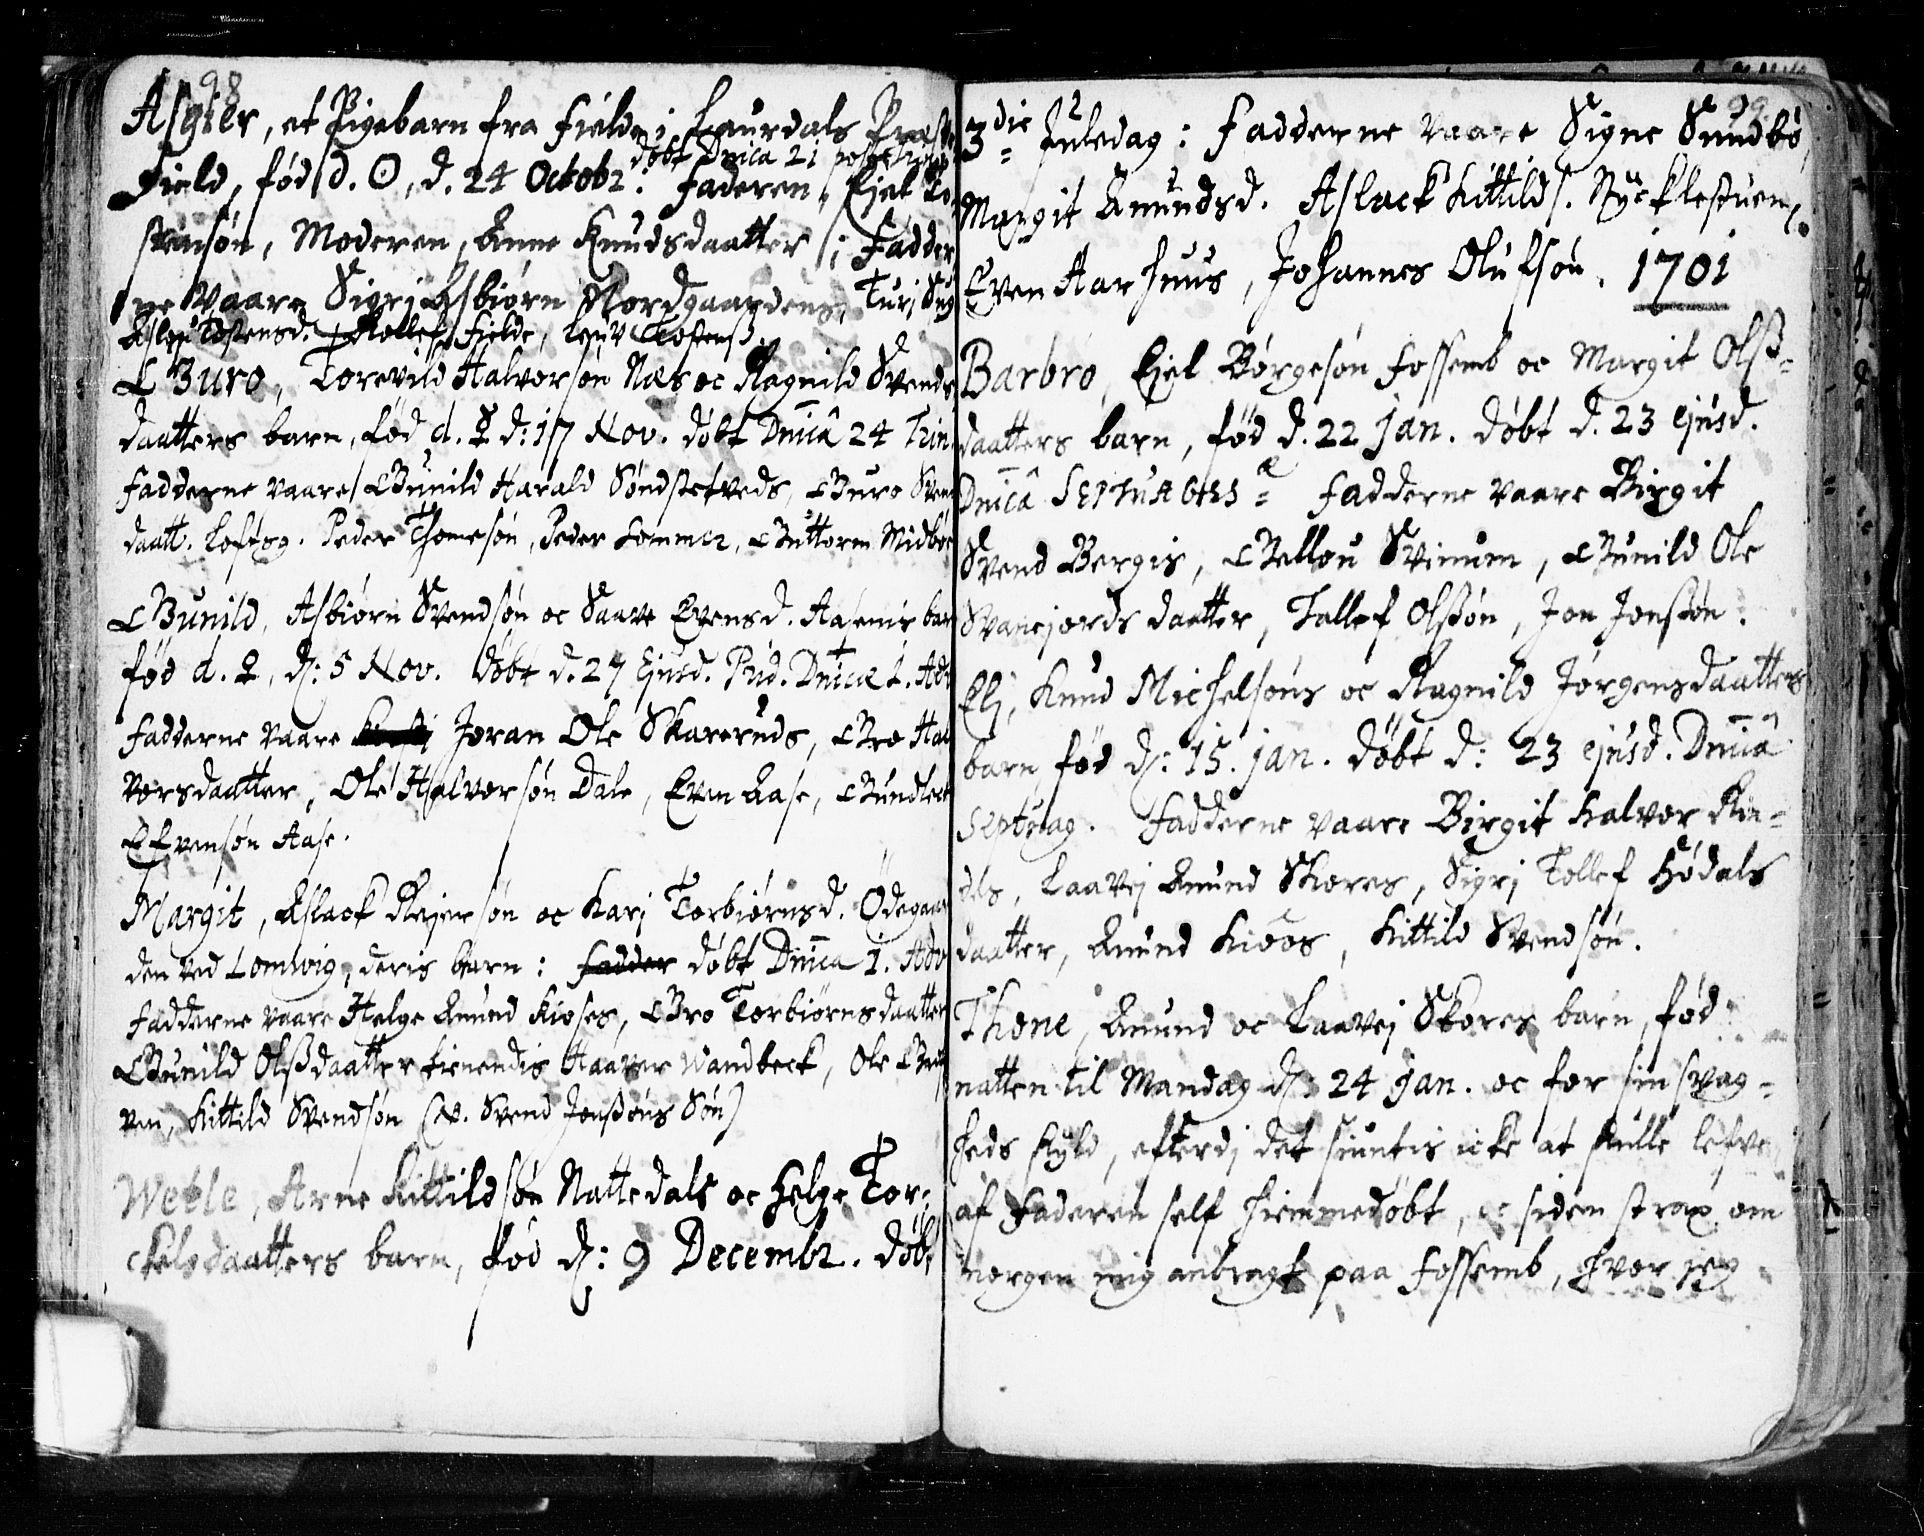 SAKO, Seljord kirkebøker, F/Fa/L0002: Ministerialbok nr. I 2, 1689-1713, s. 98-99